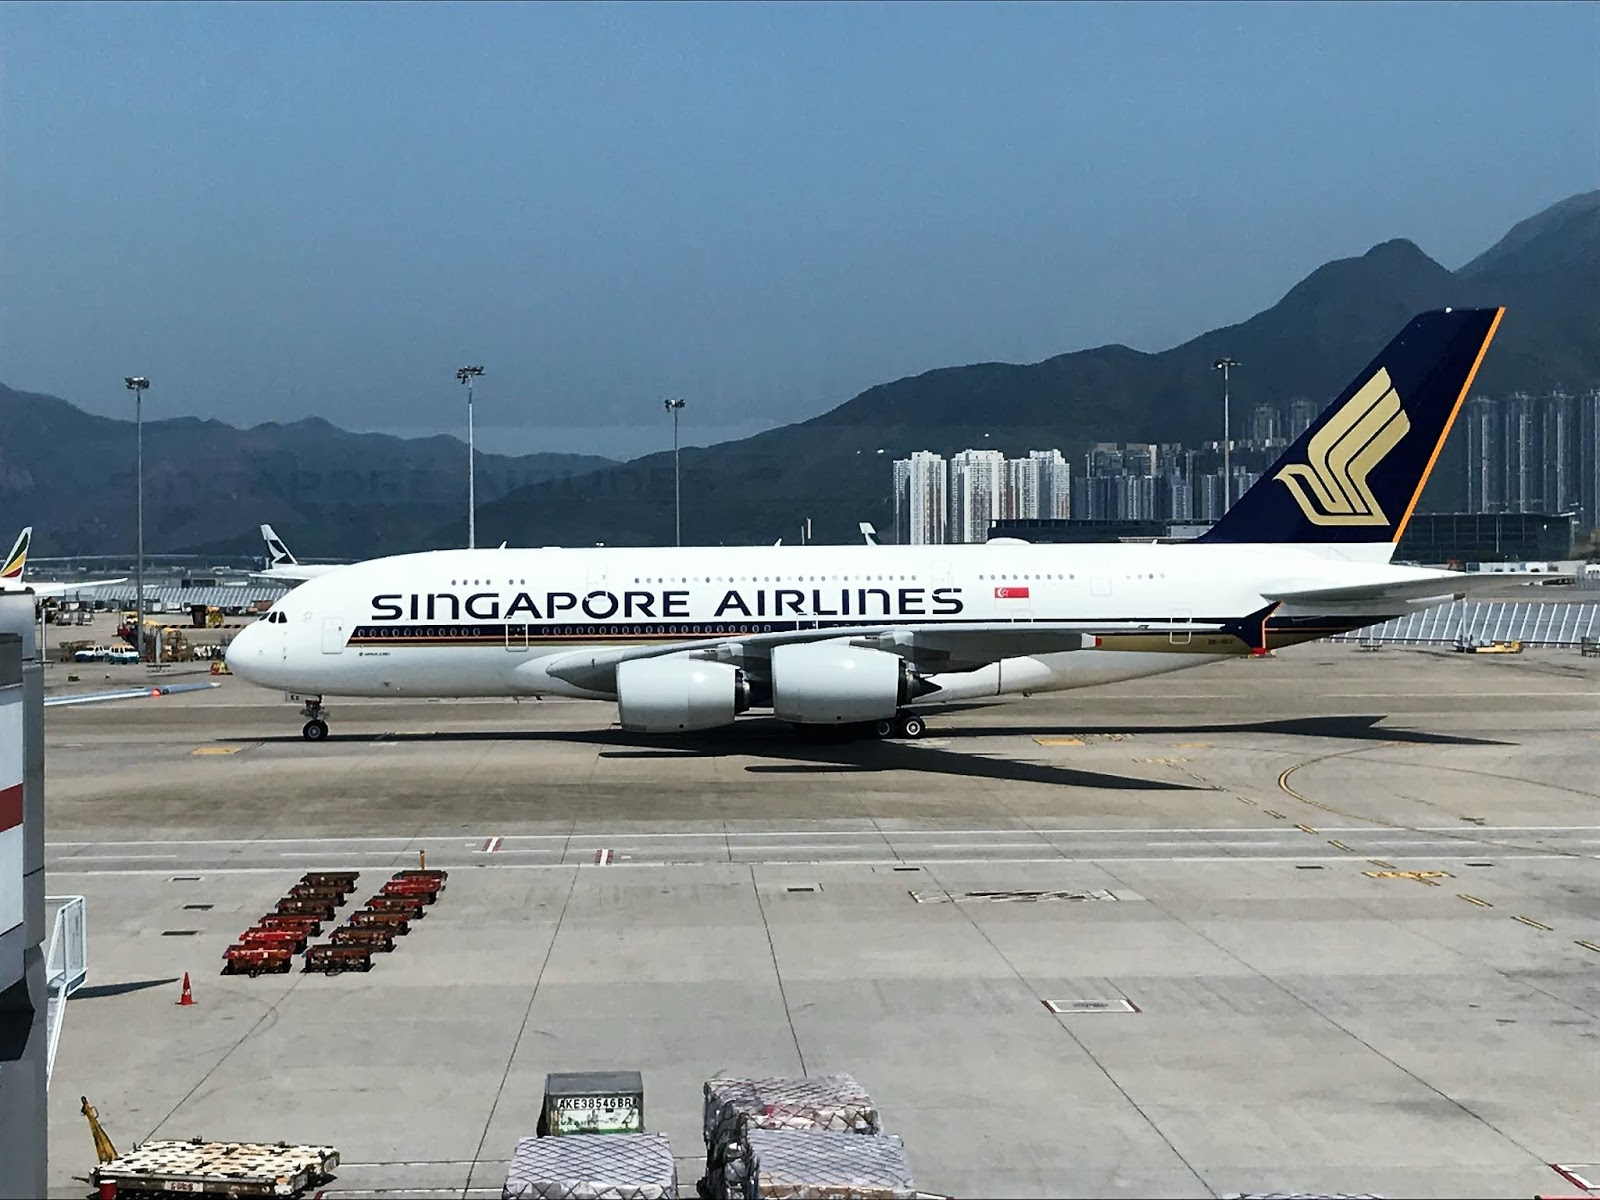 [飛行紀錄]加拿大航空 AC16 香港HKG-多倫多YYZ:bug票飛行之加航初體驗 | 威觀世界